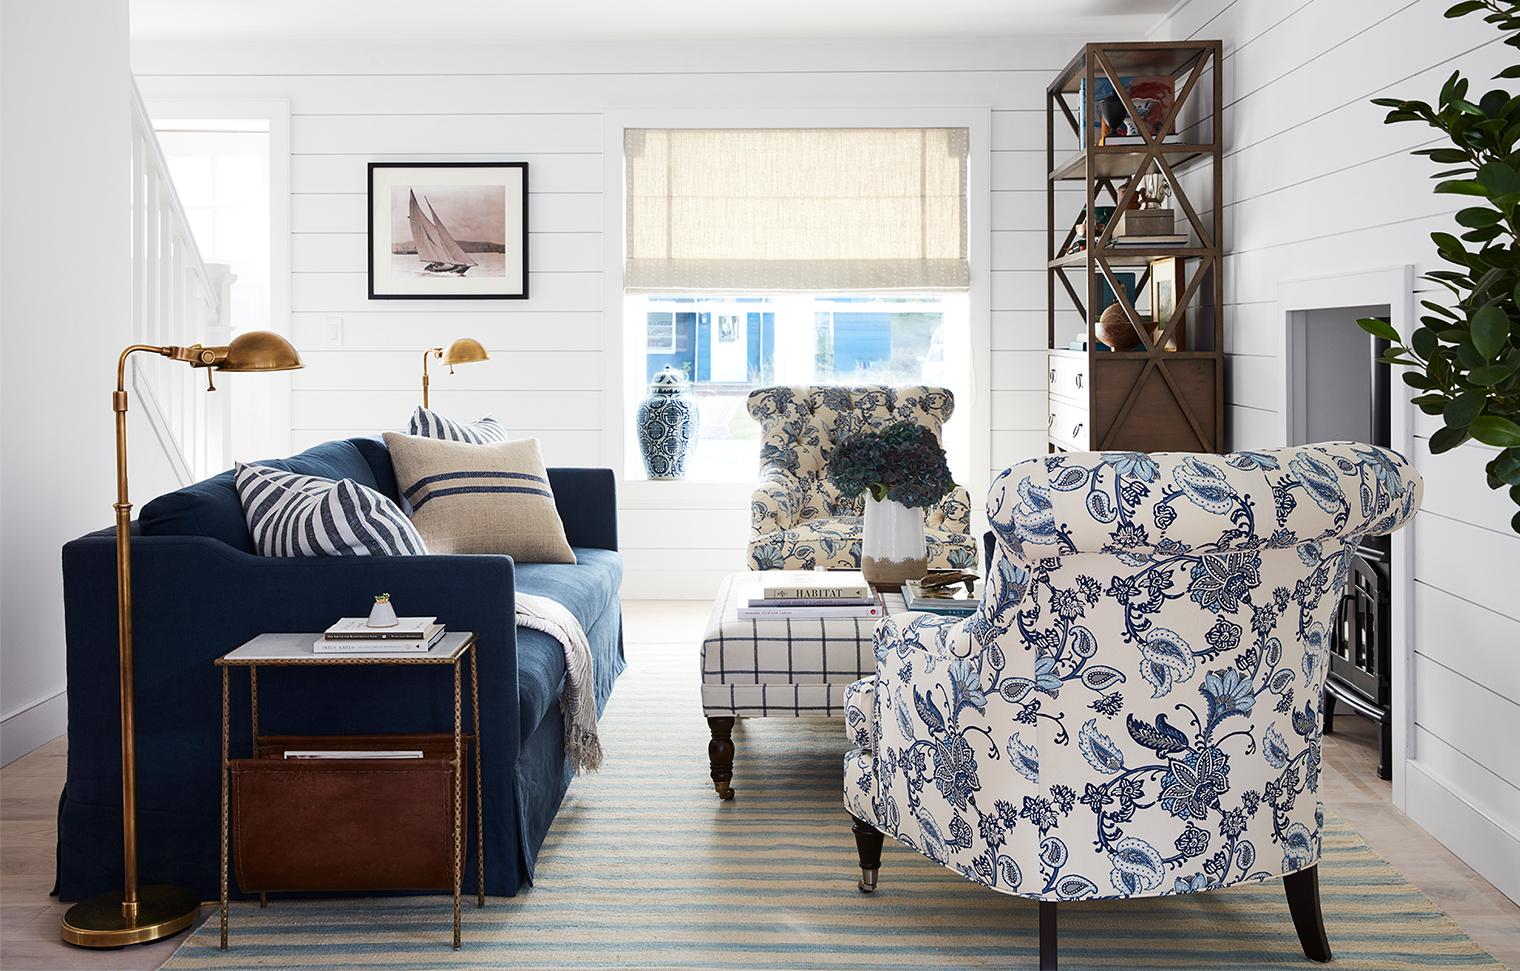 Phong cách Bazaar trong thiết kế nội thất